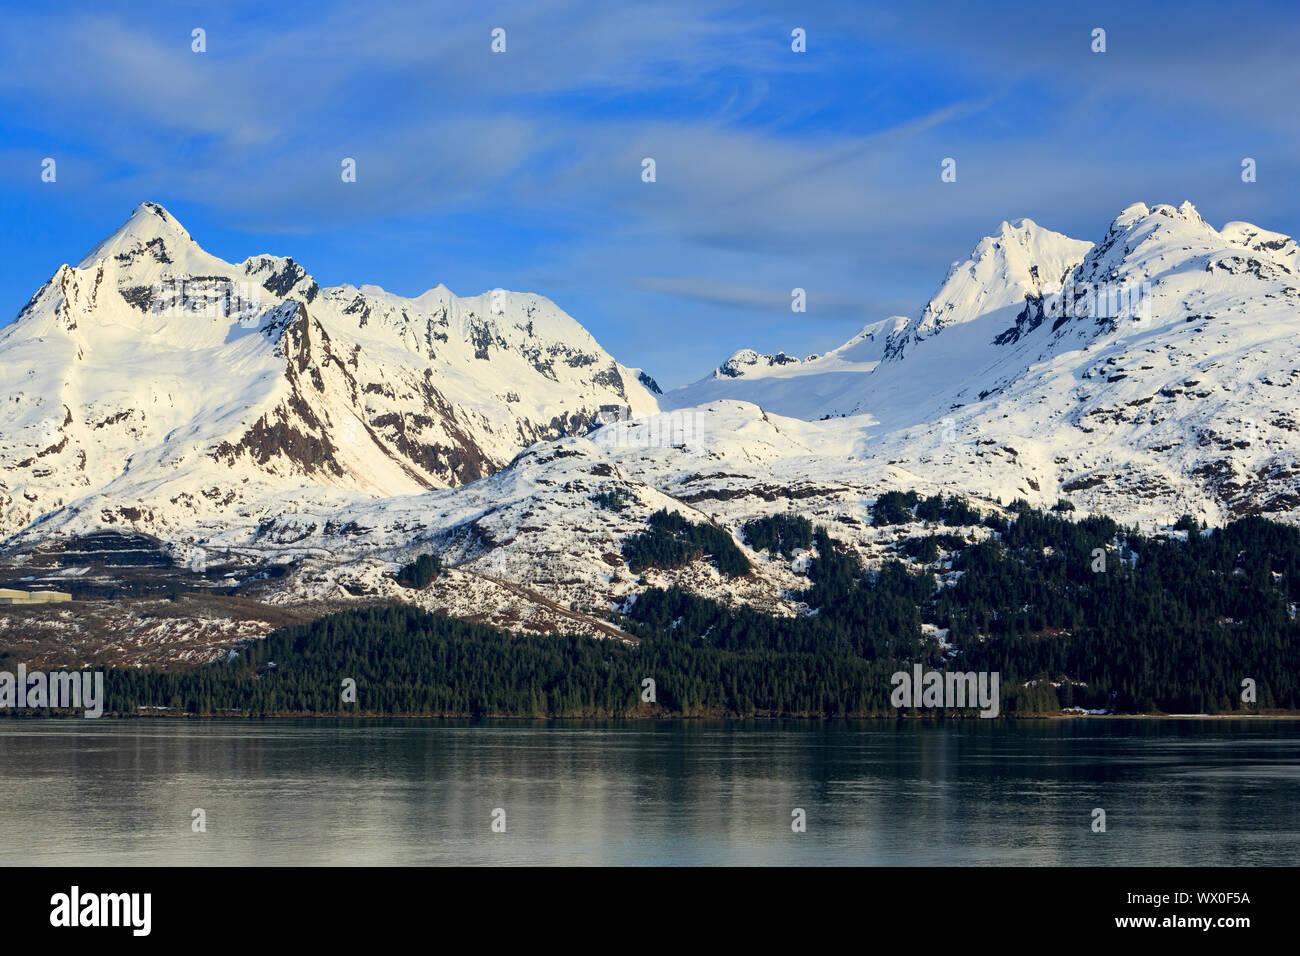 Prince William Sound, Valdez, Alaska, États-Unis d'Amérique, Amérique du Nord Banque D'Images